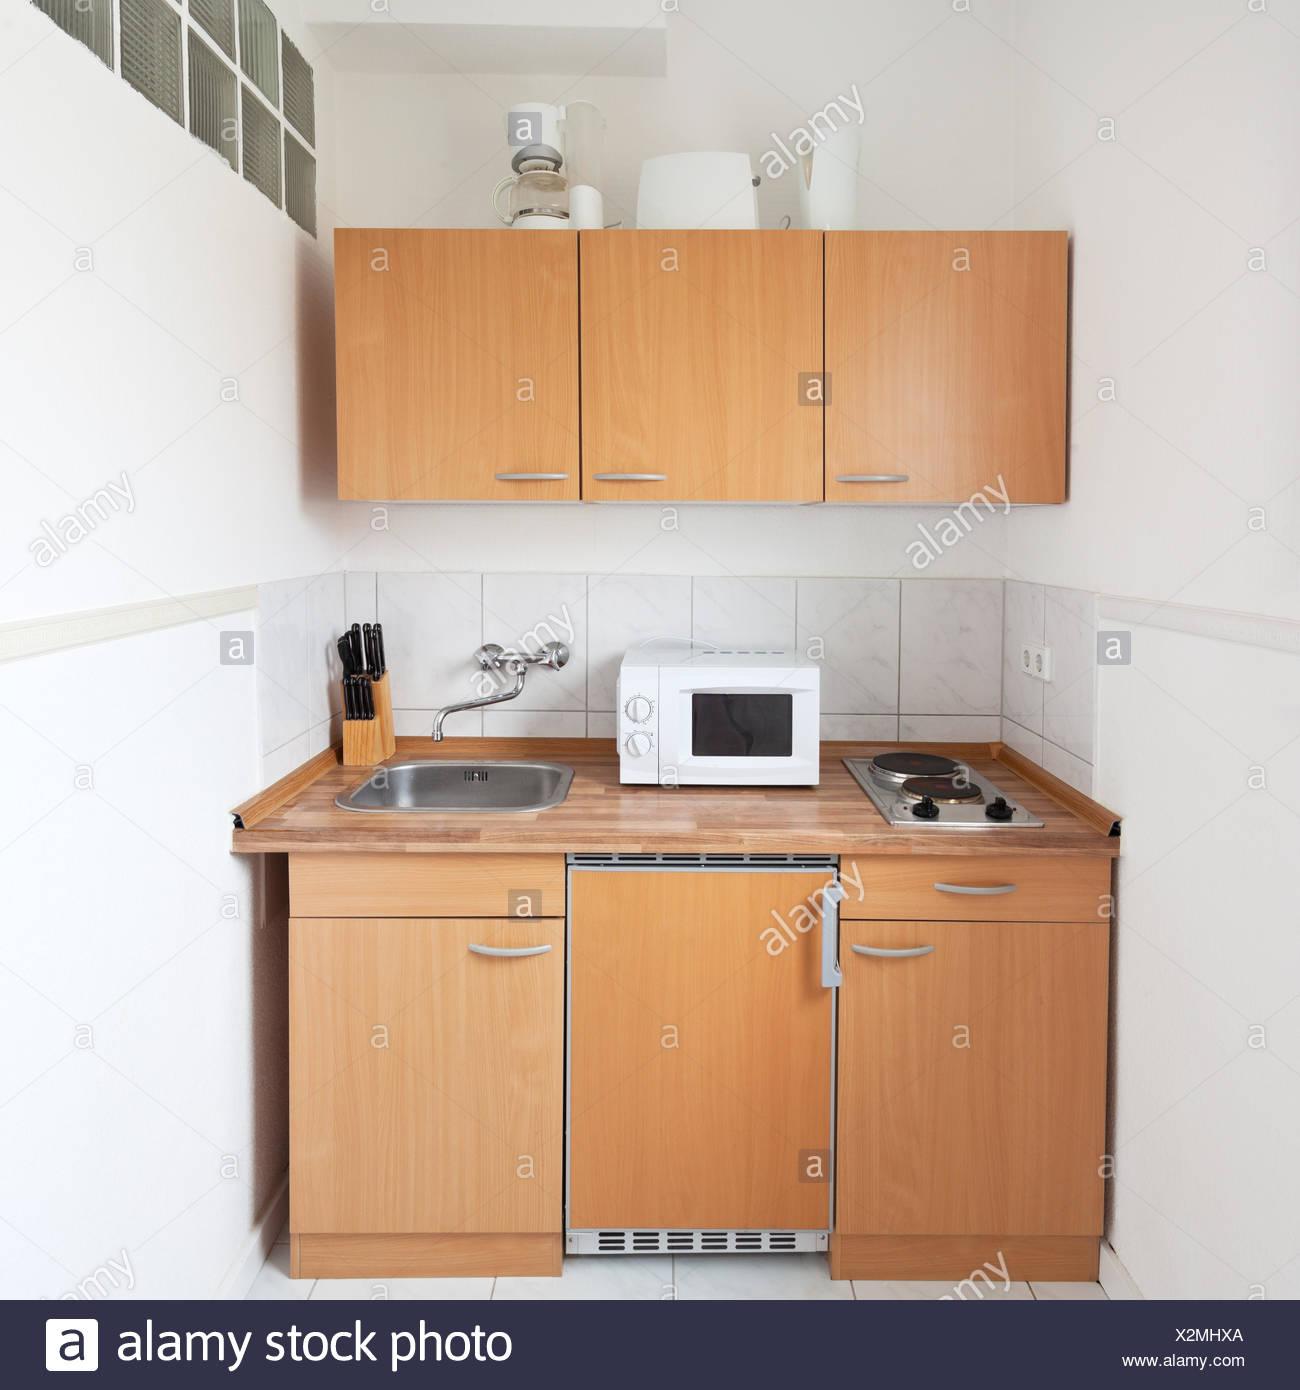 Cucina semplice con mobili e attrezzature per cucina Foto ...